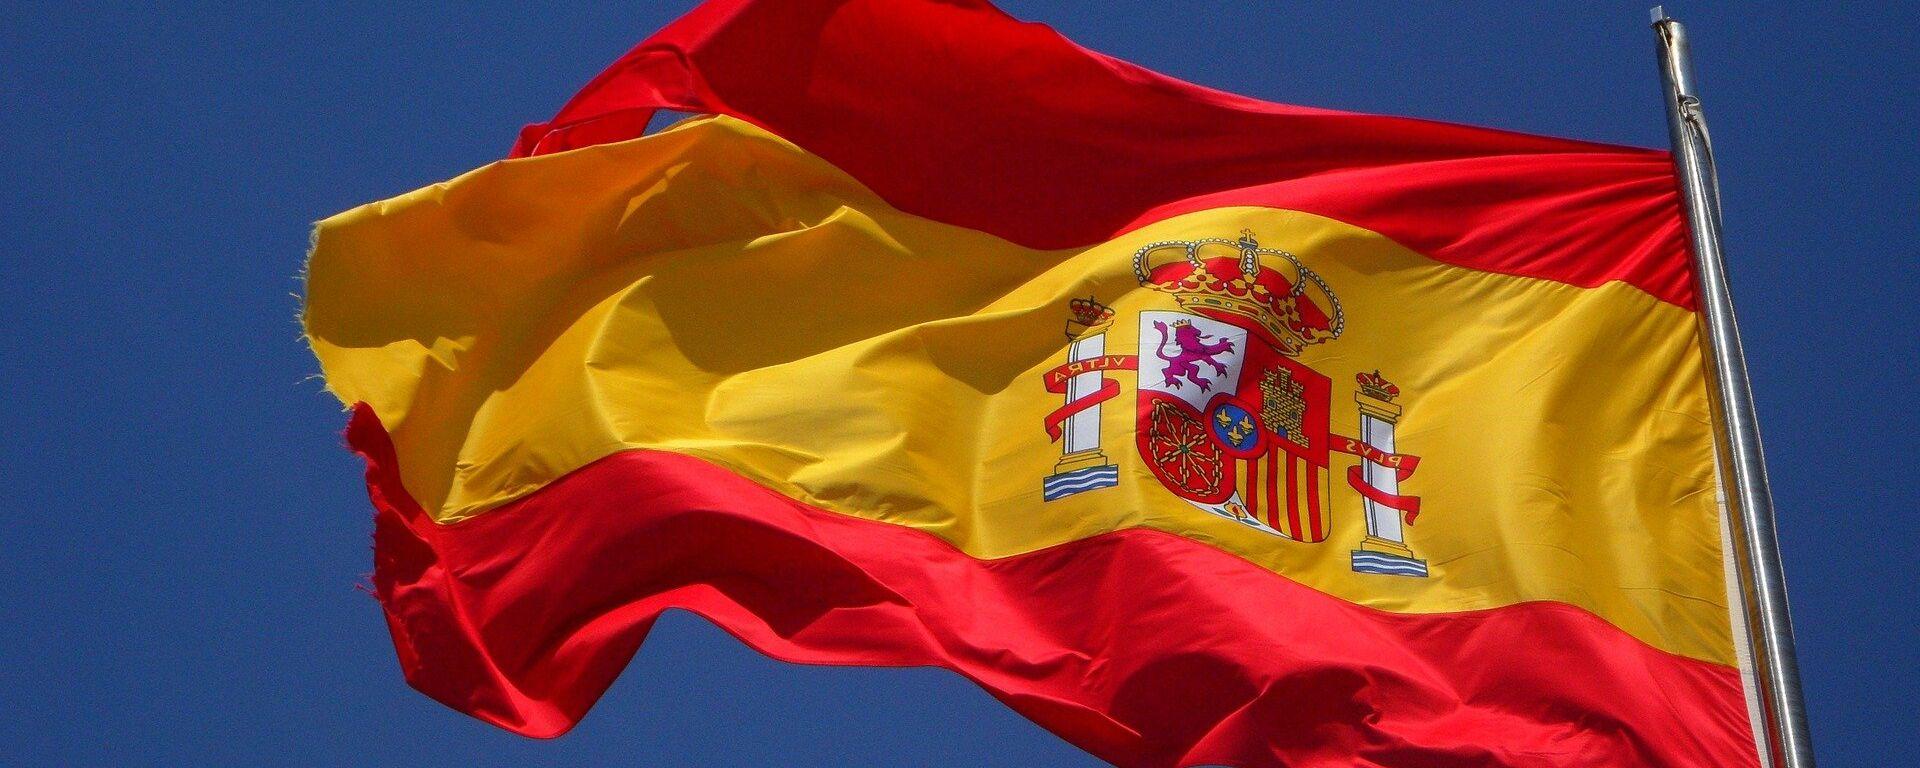 La bandera de España - Sputnik Mundo, 1920, 07.06.2021